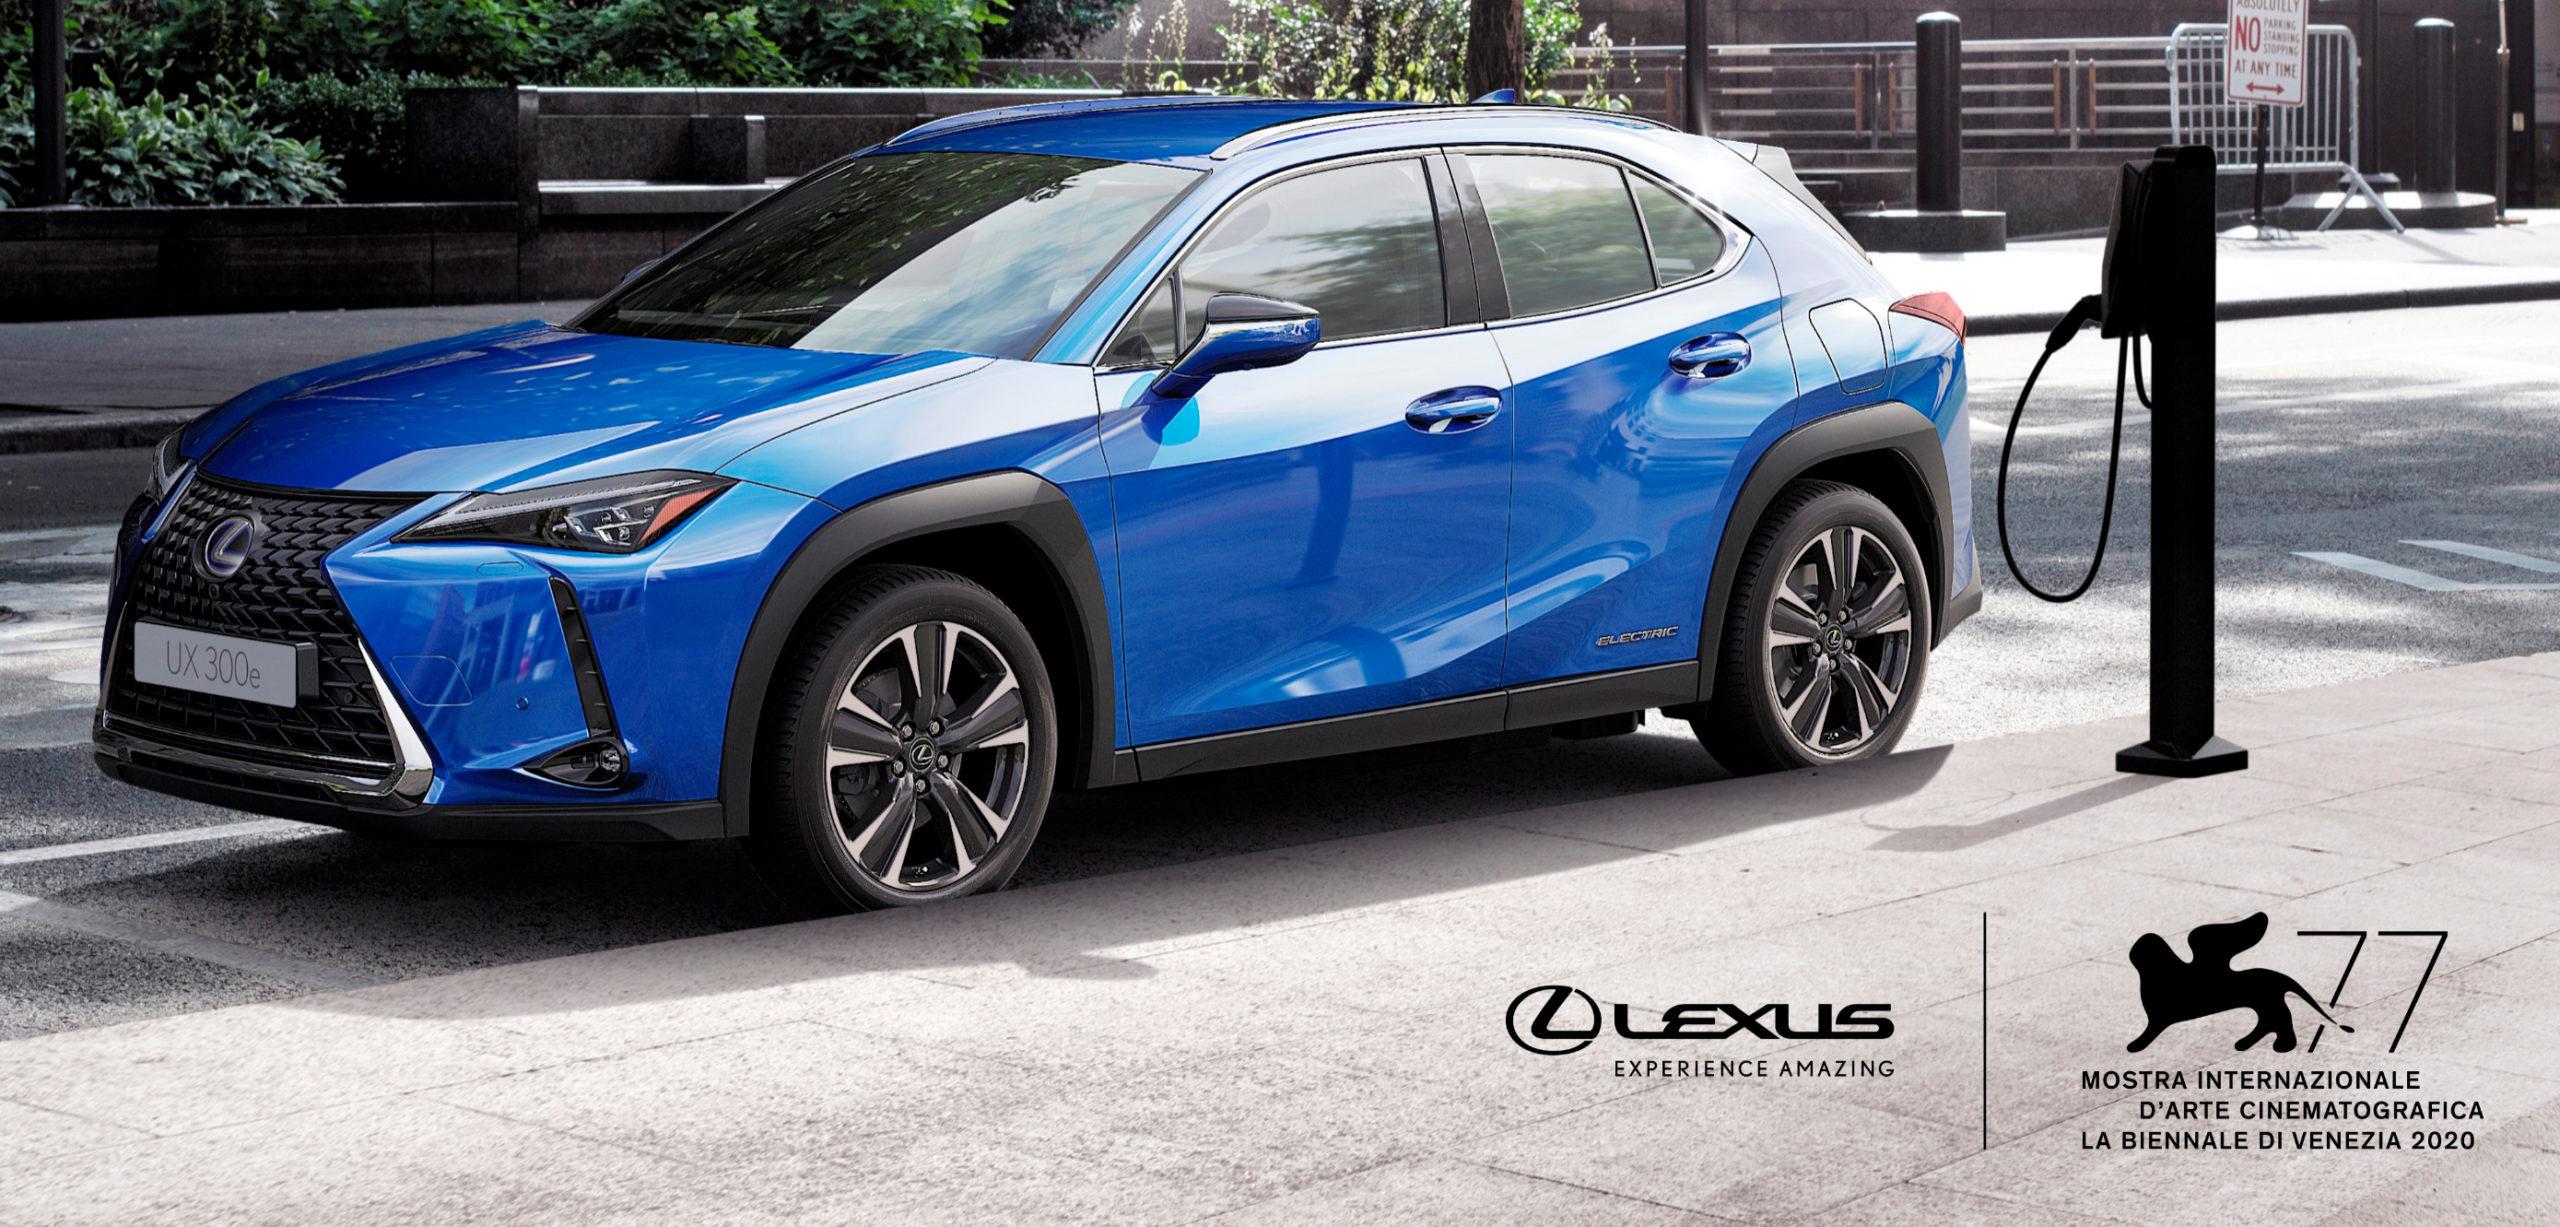 Lexus vehículo oficial de la Bienal de Cine 2020